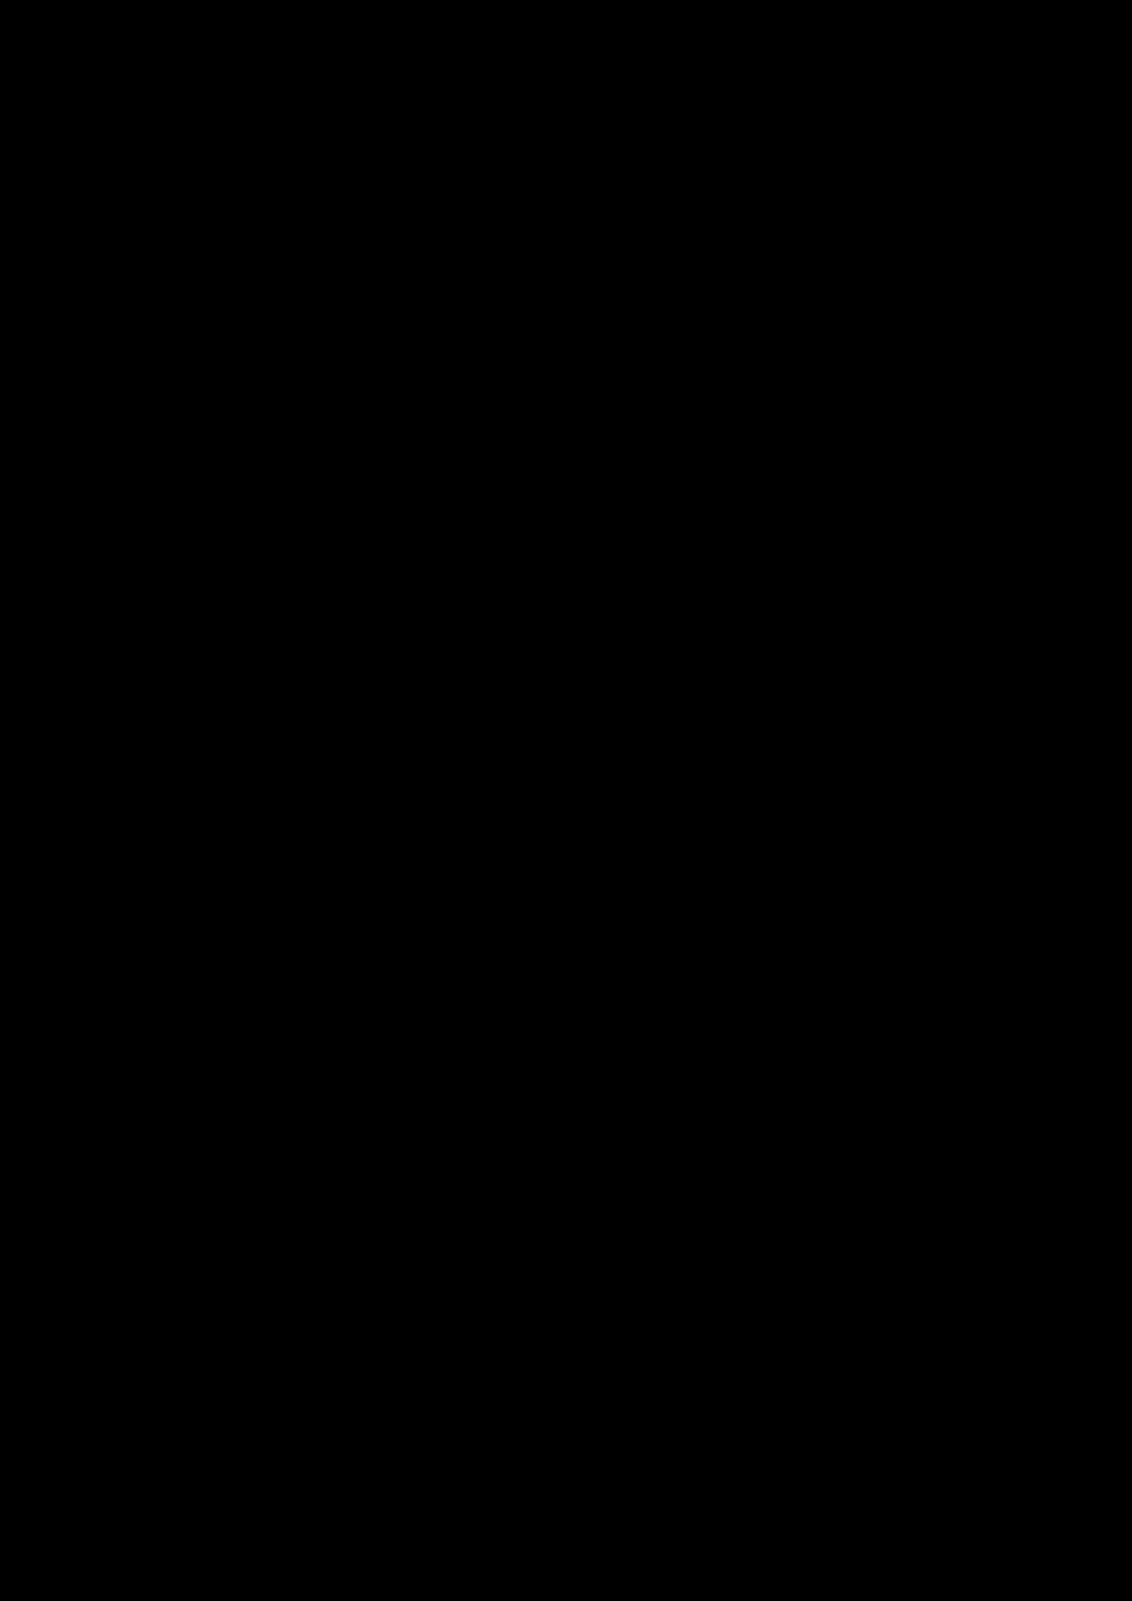 Vyibor Est slide, Image 54